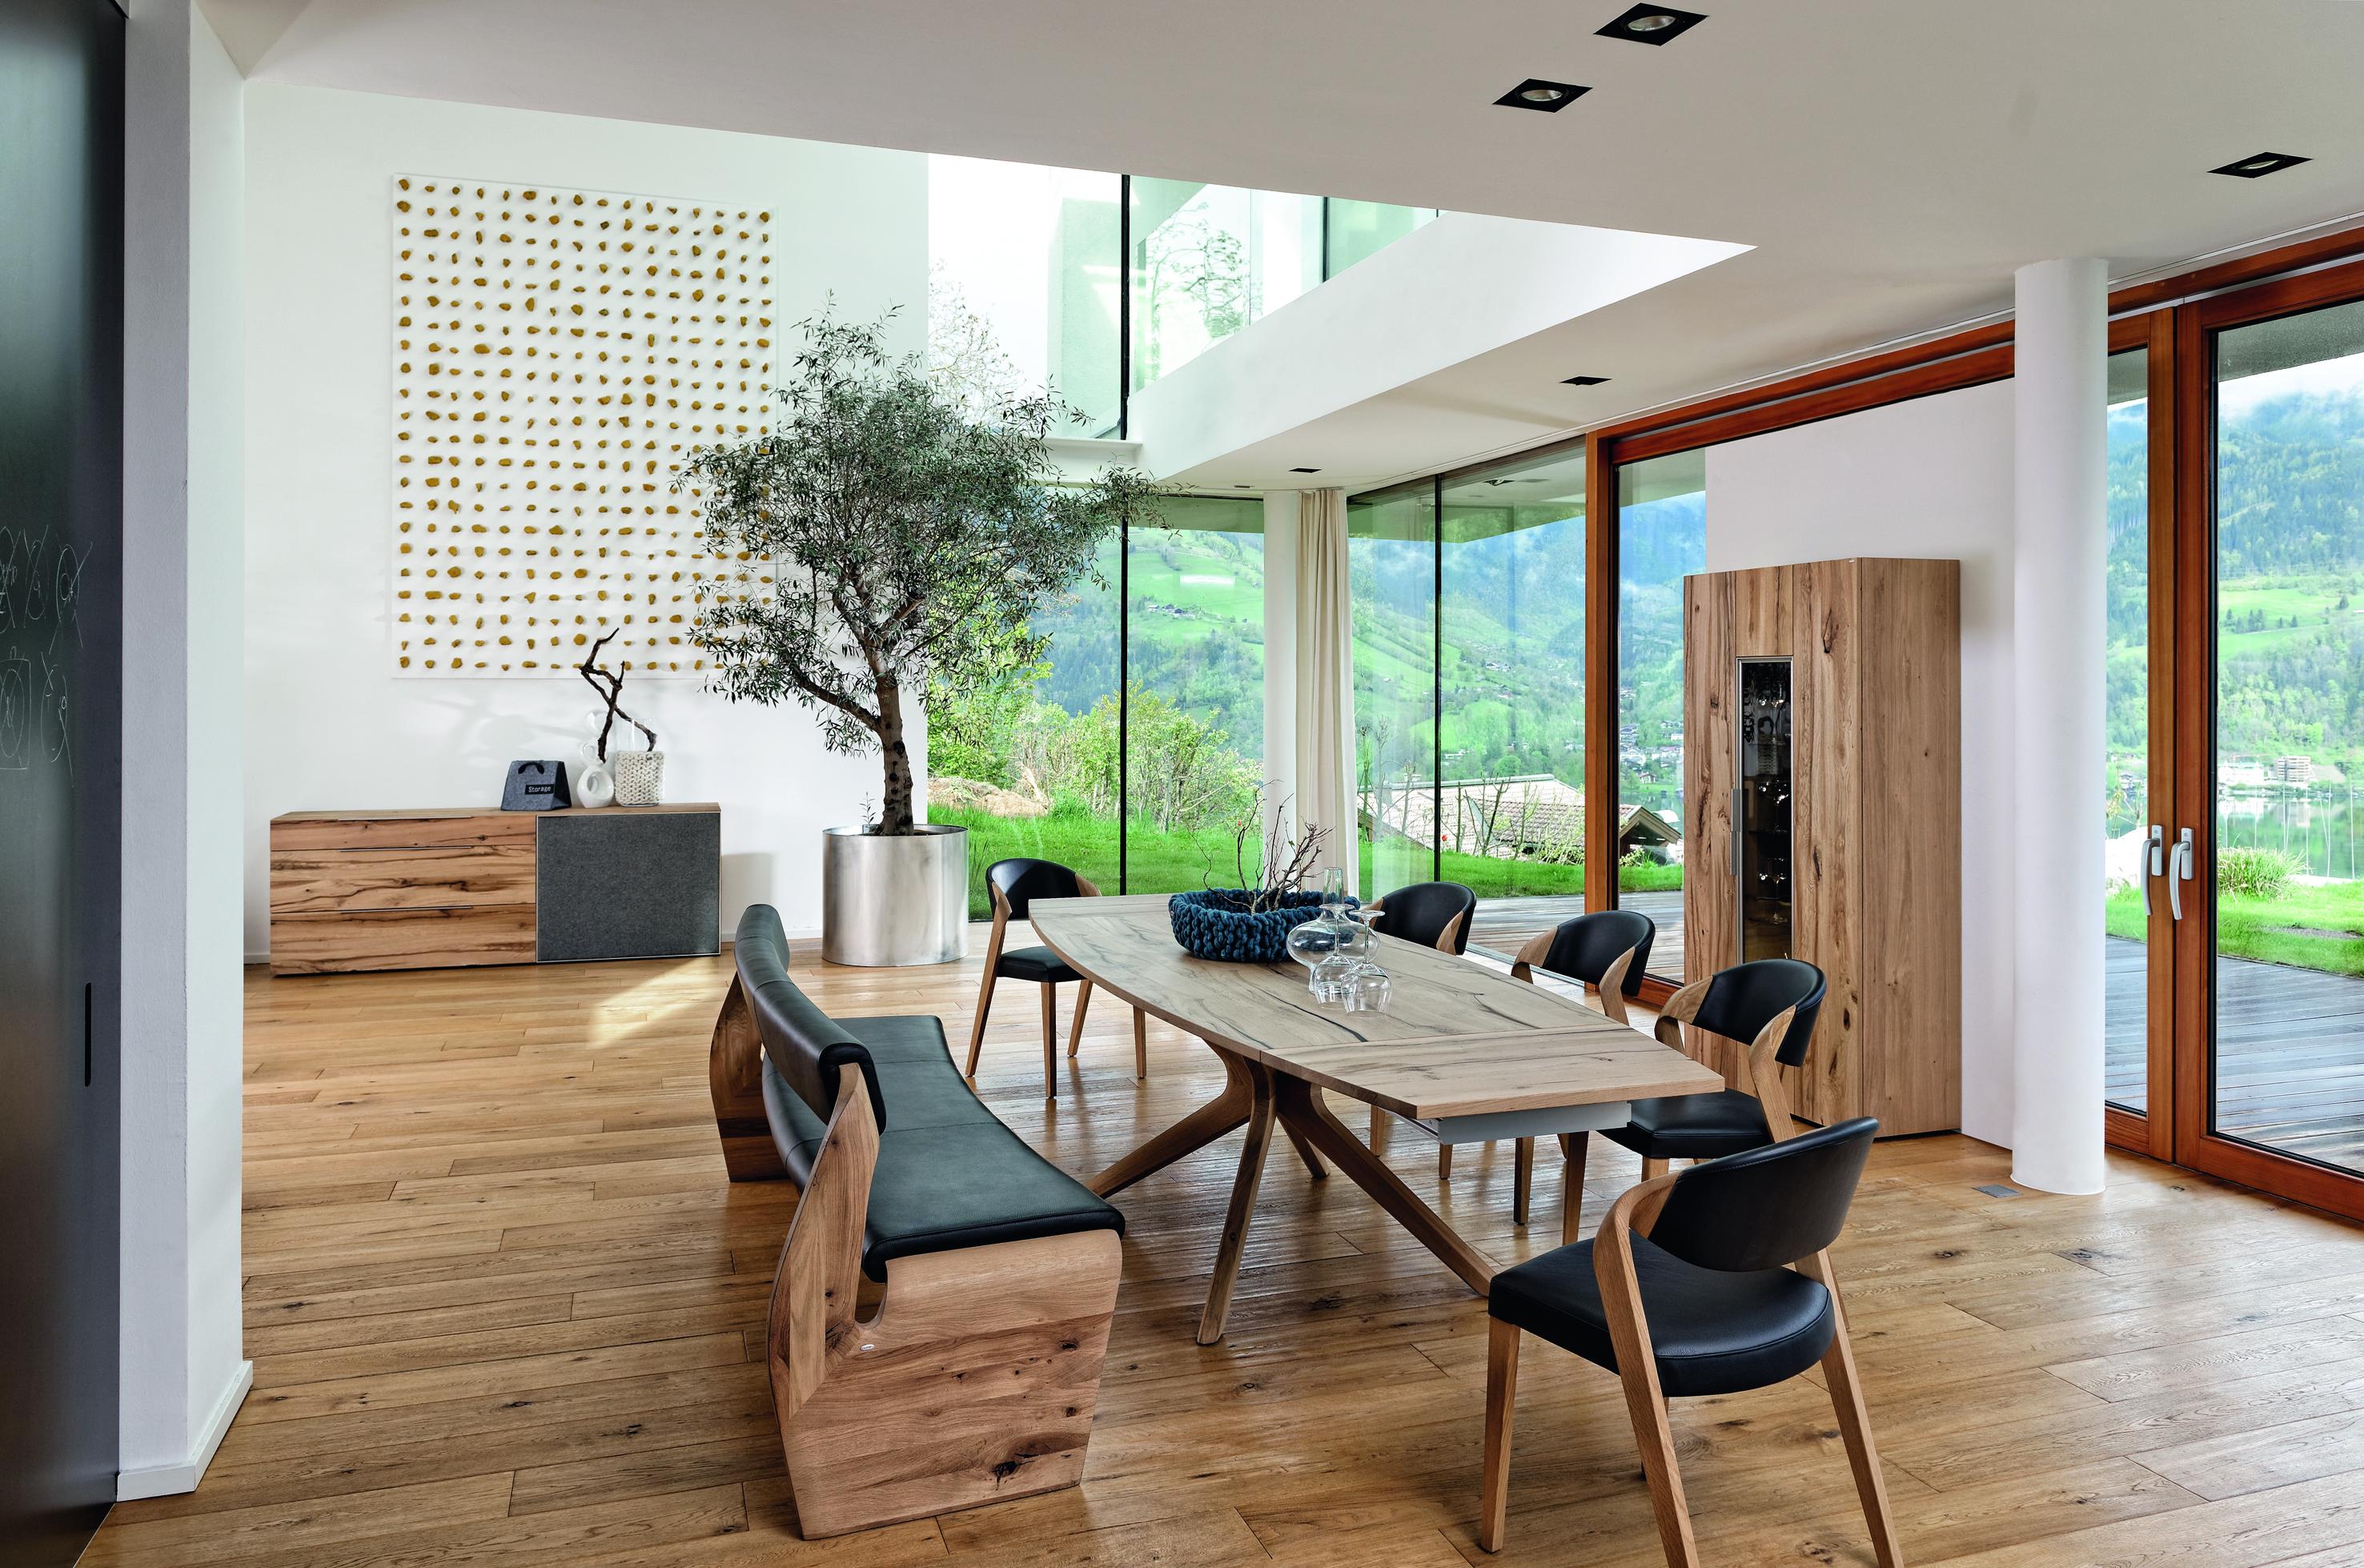 esszimmer moebel. Black Bedroom Furniture Sets. Home Design Ideas